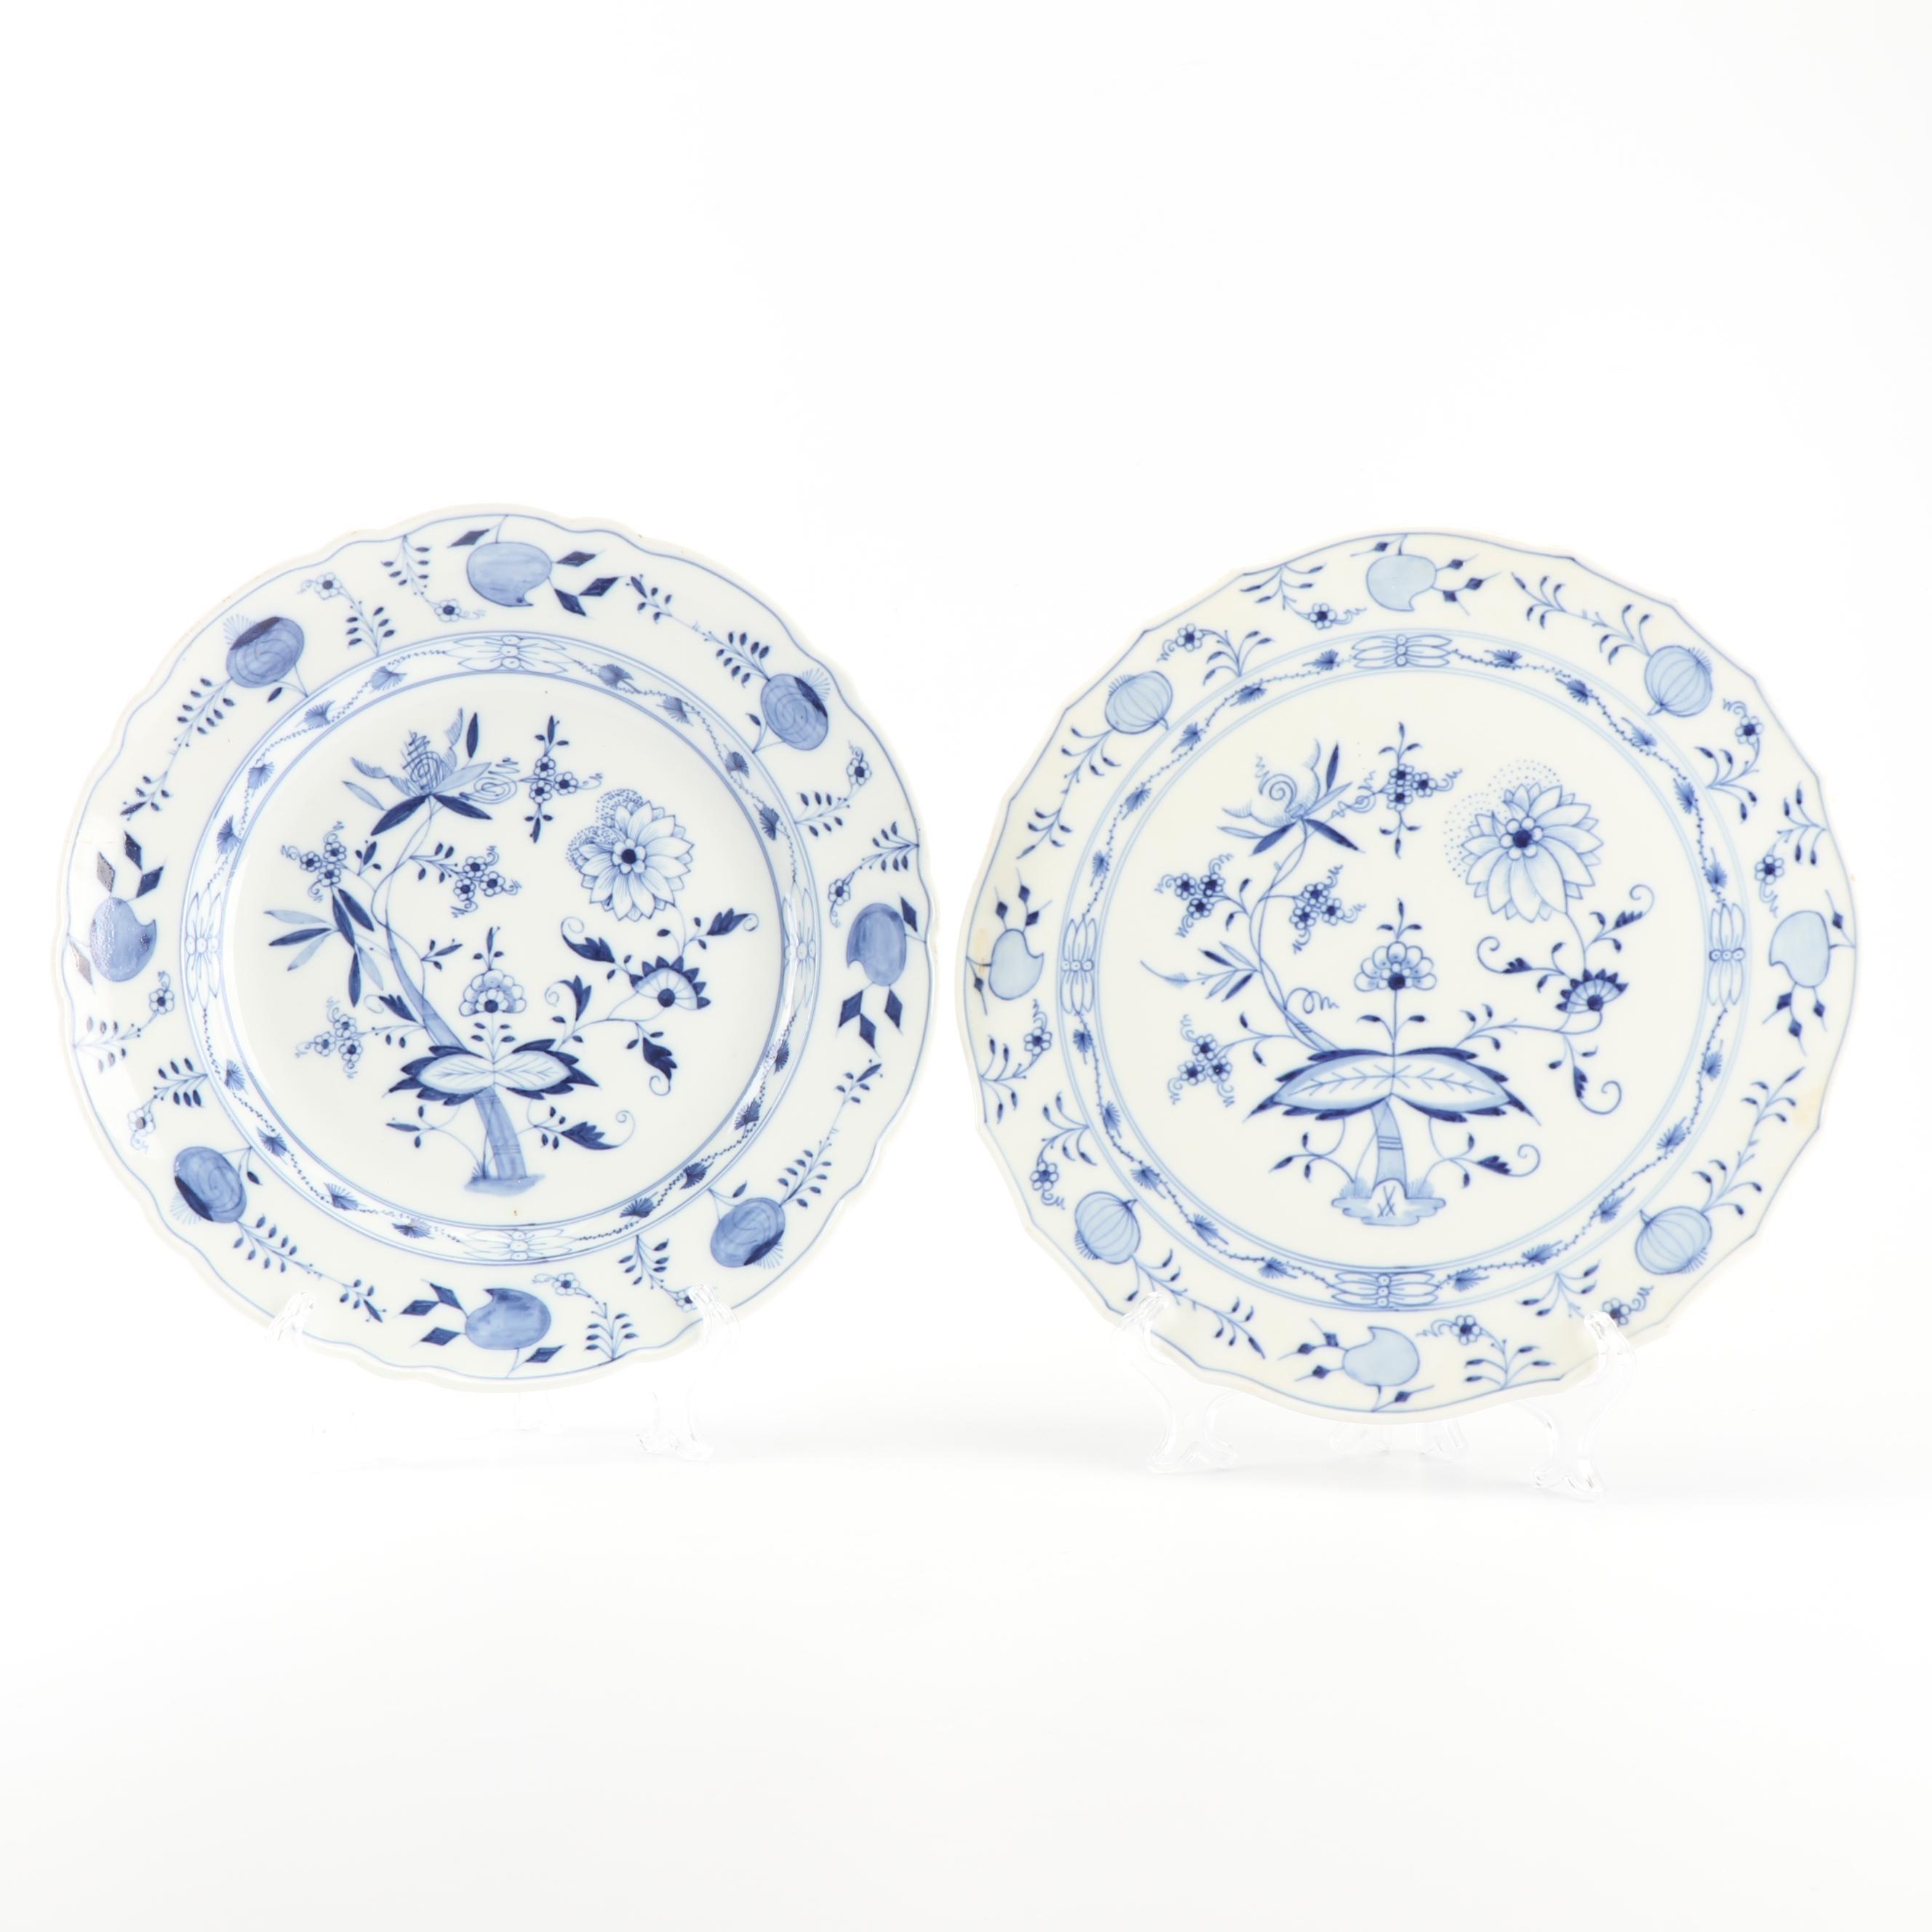 Two Meissen Porcelain Serving Plates